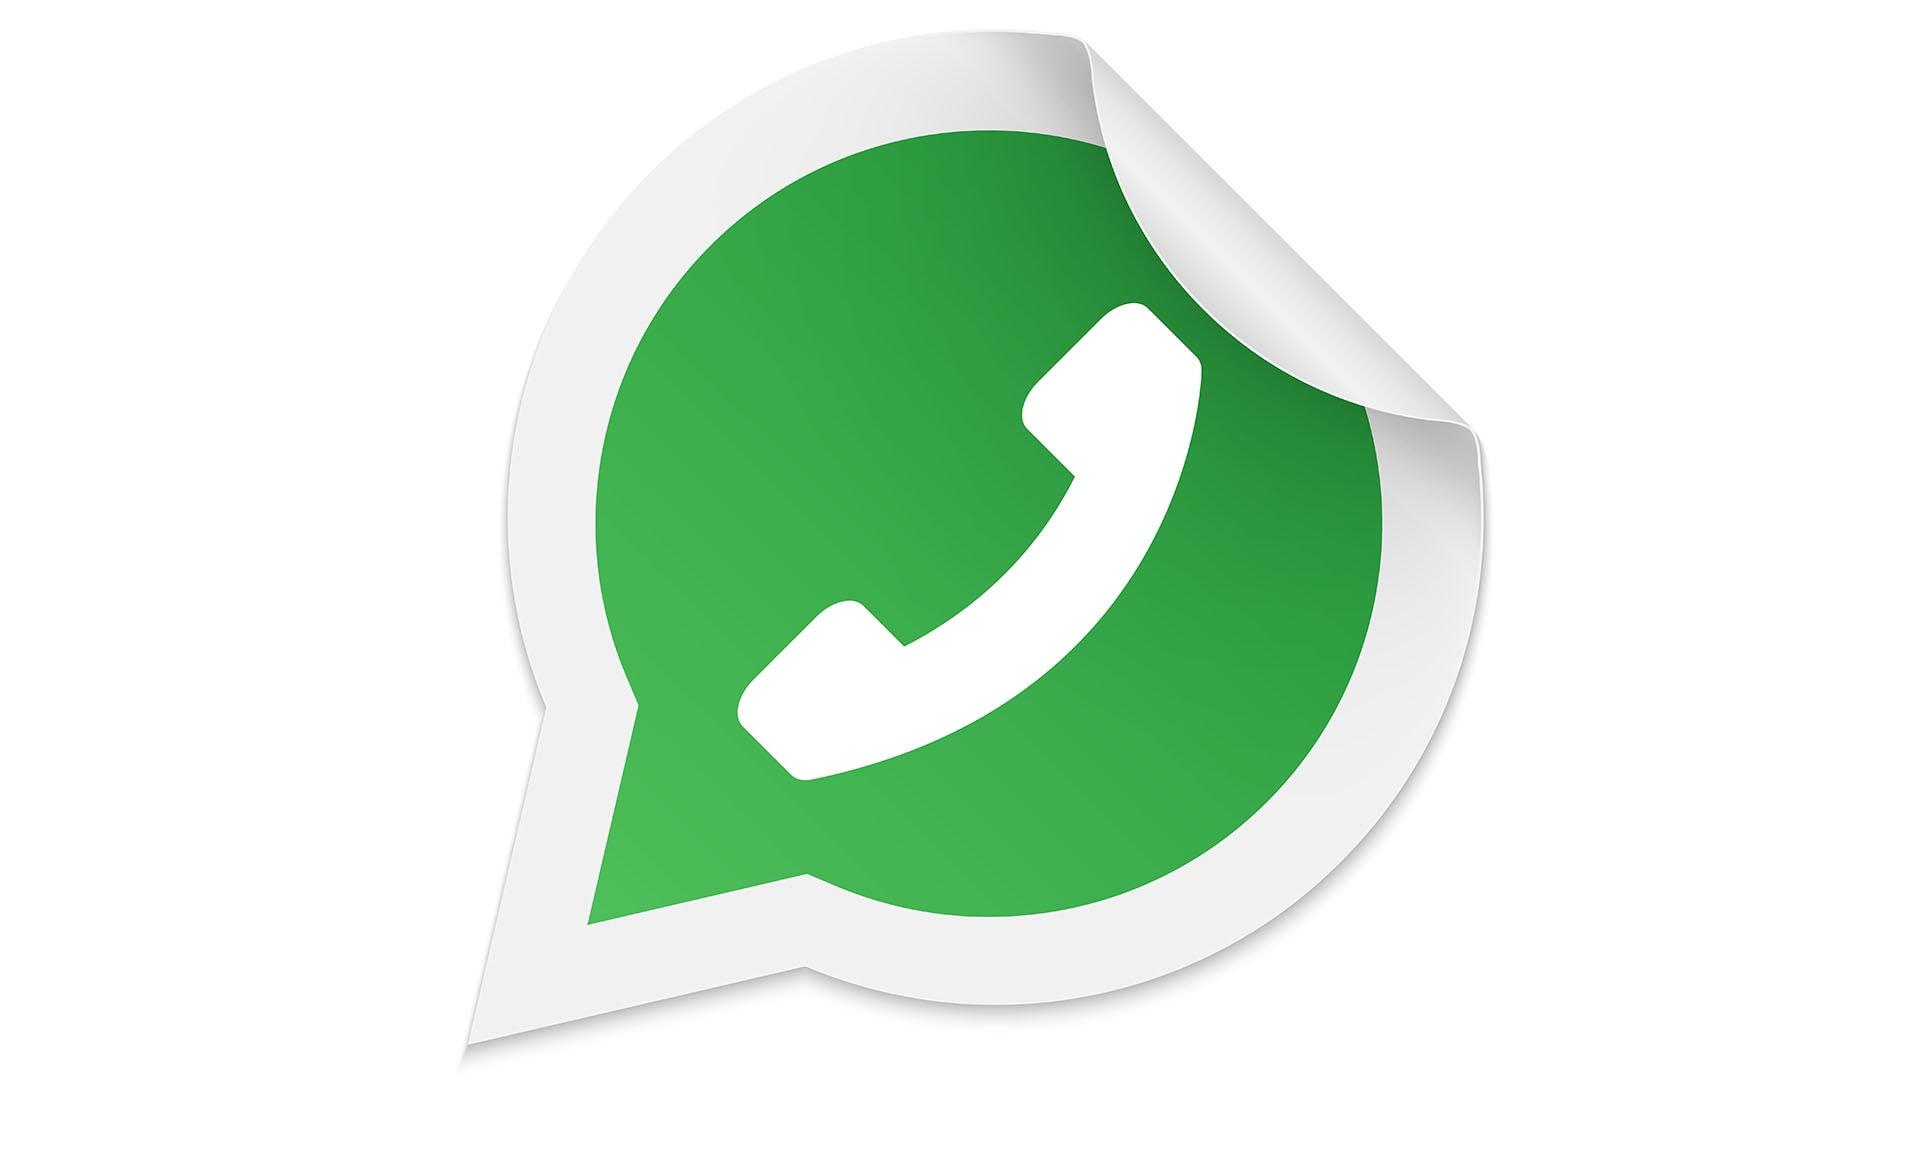 WhatsApp beta per Android pronto per le videochiamate: già attiva l'interfaccia (aggiornato)